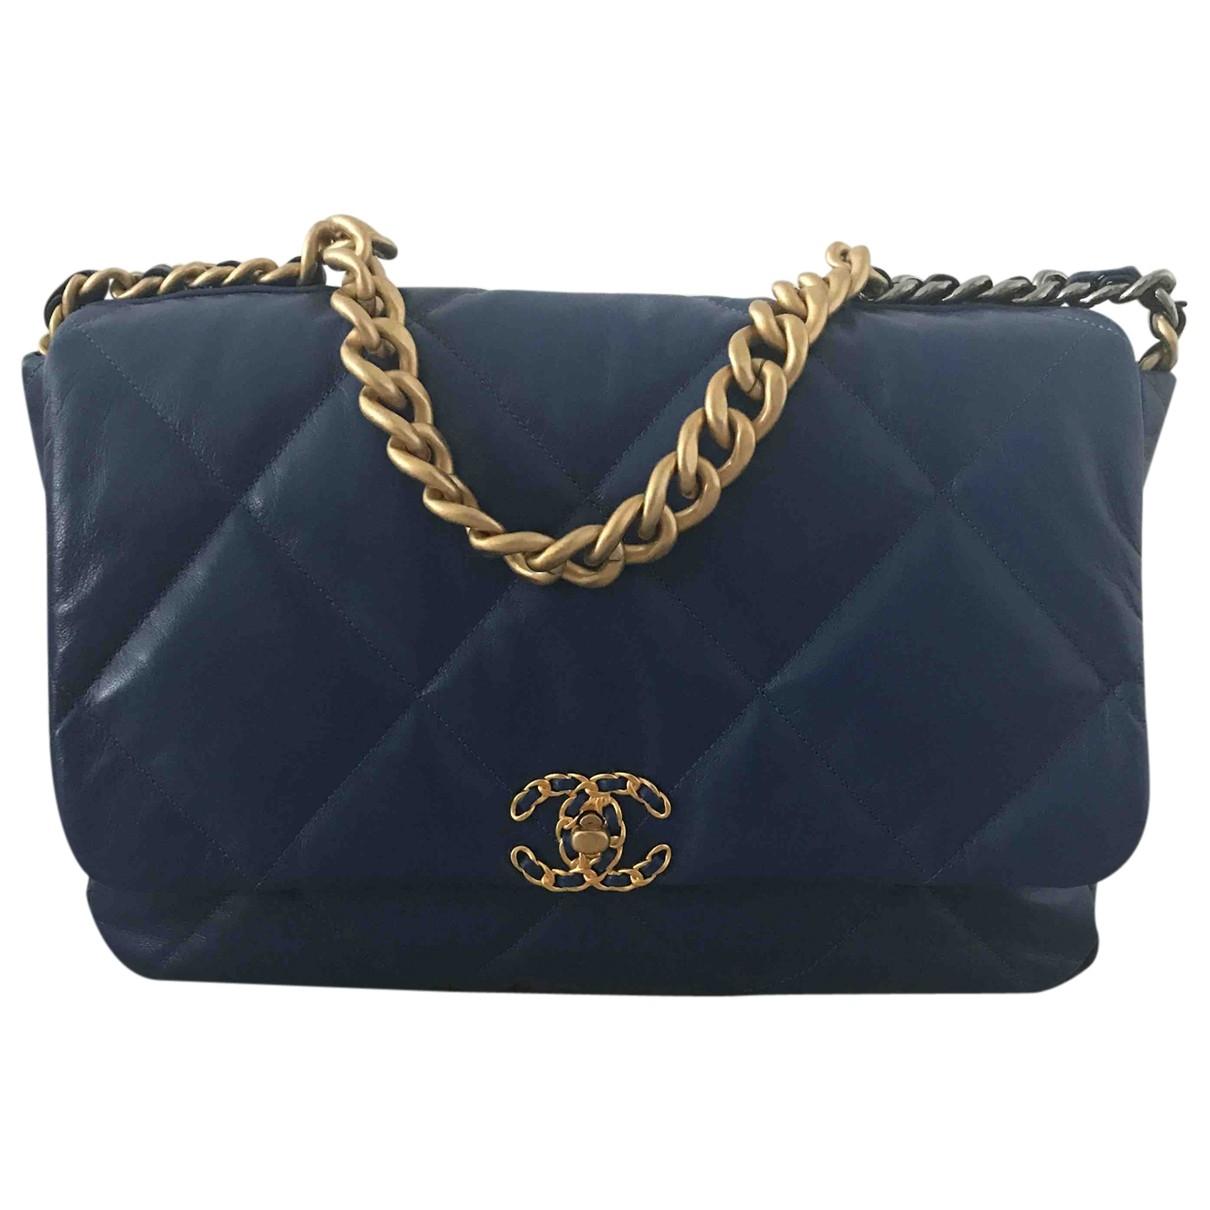 Bolso  Chanel 19 de Cuero Chanel